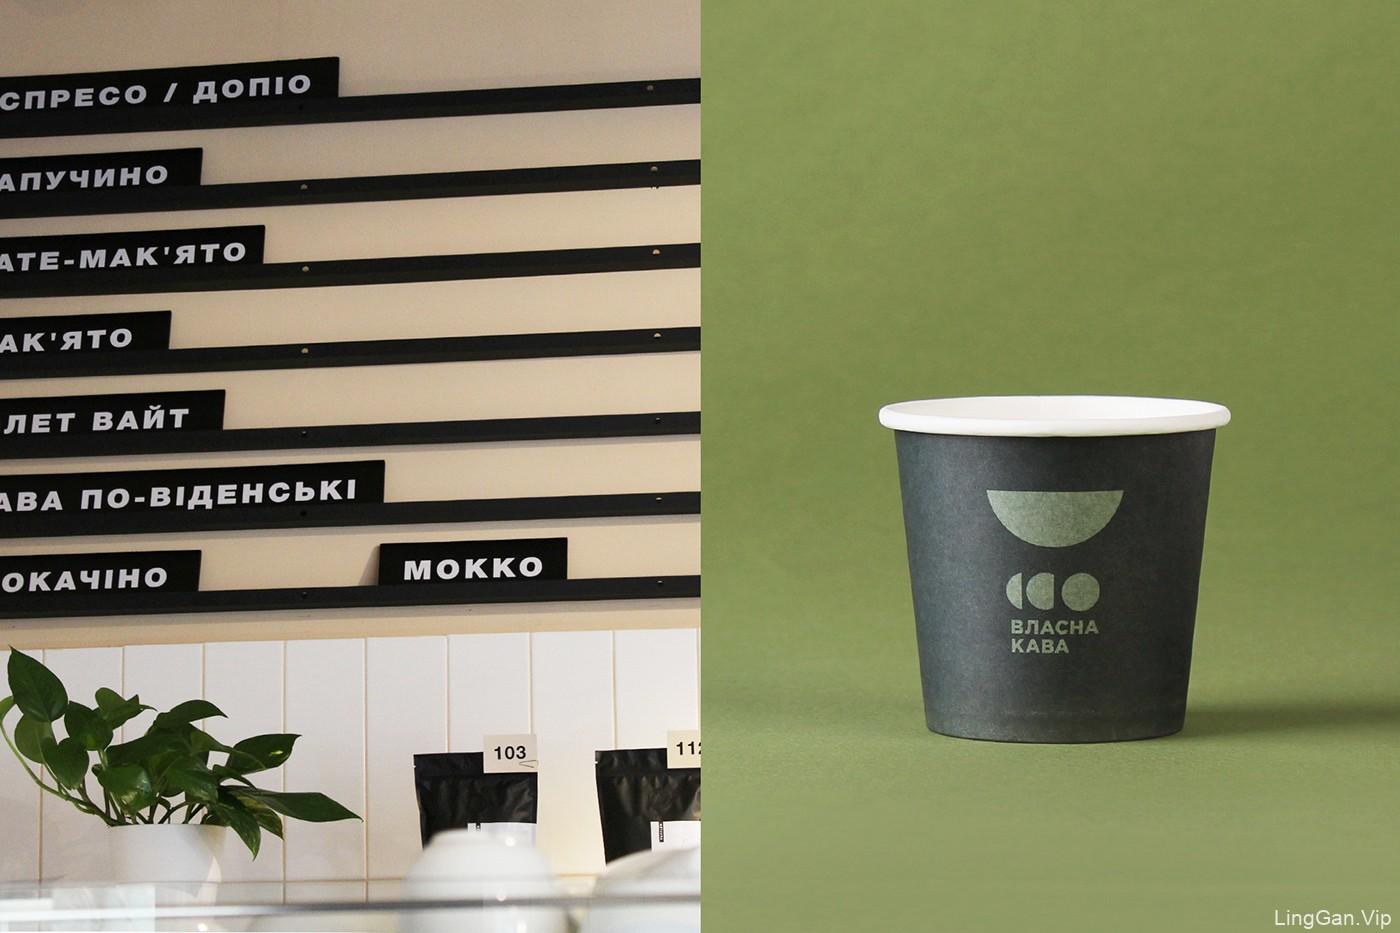 Vlasna kava咖啡品牌VI设计